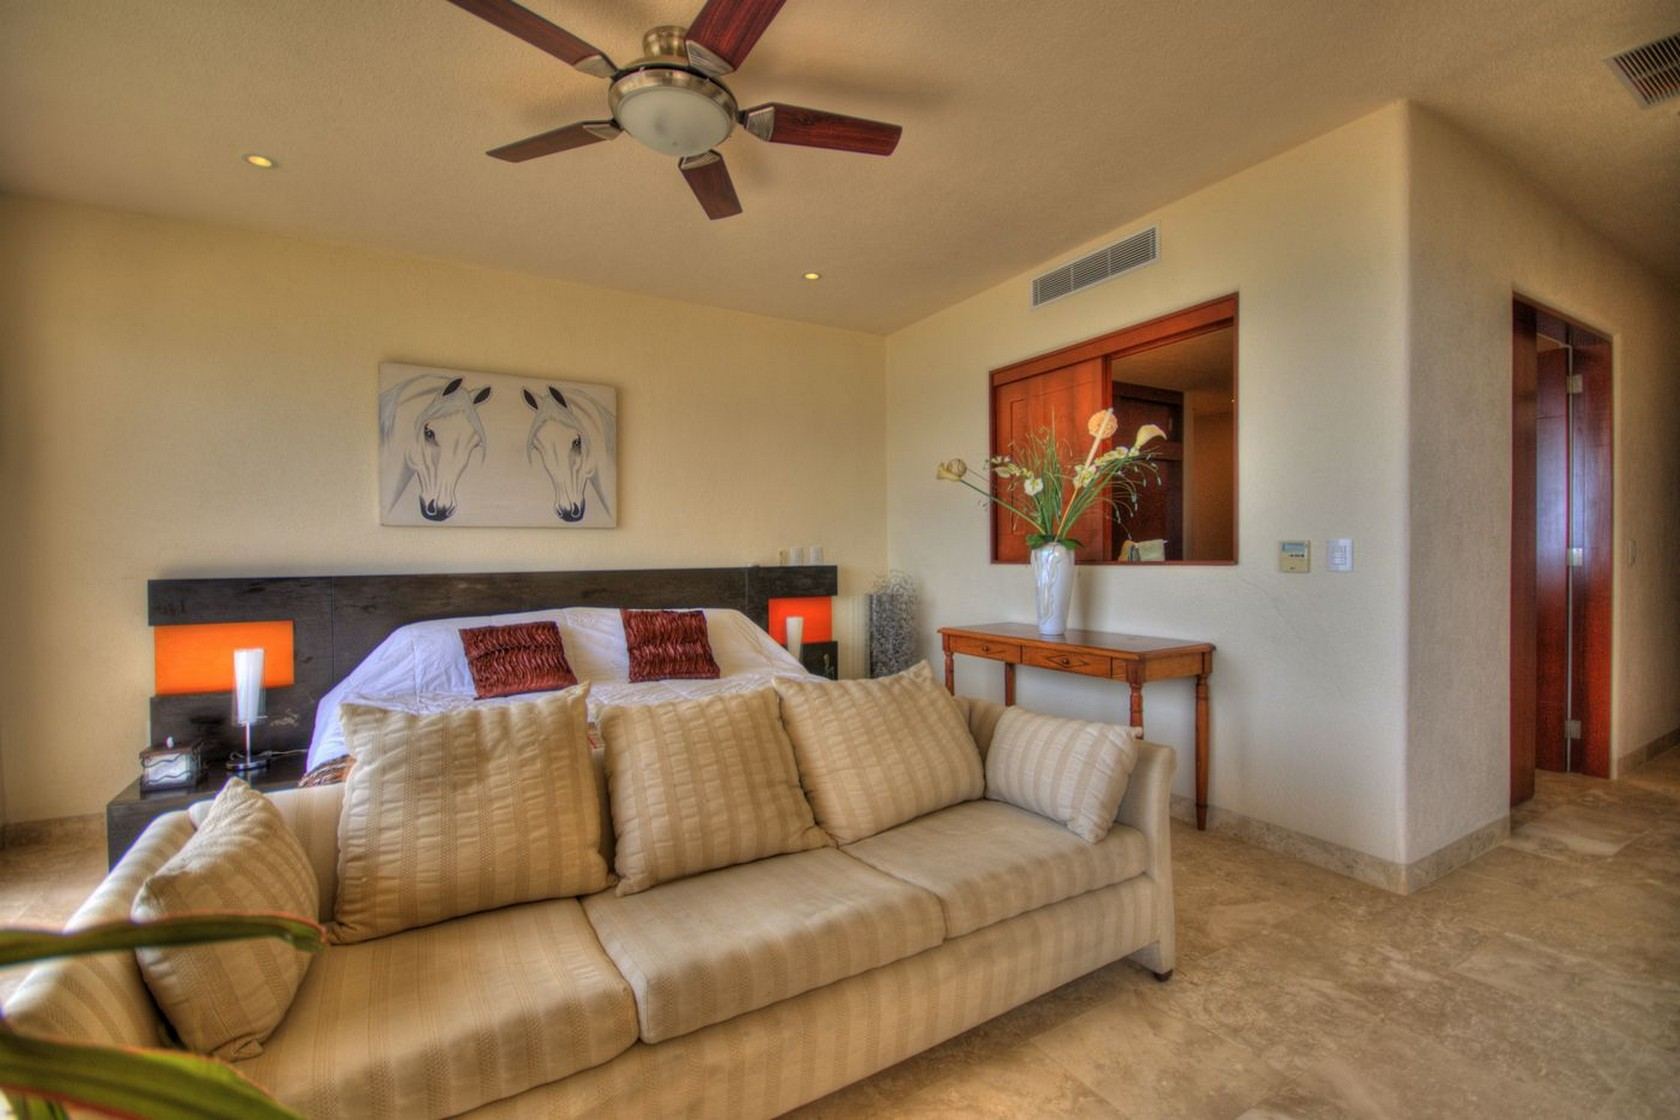 Decoración recámara Departamento en venta Punta Esmeralda Resort La Cruz de Huanacaxtle